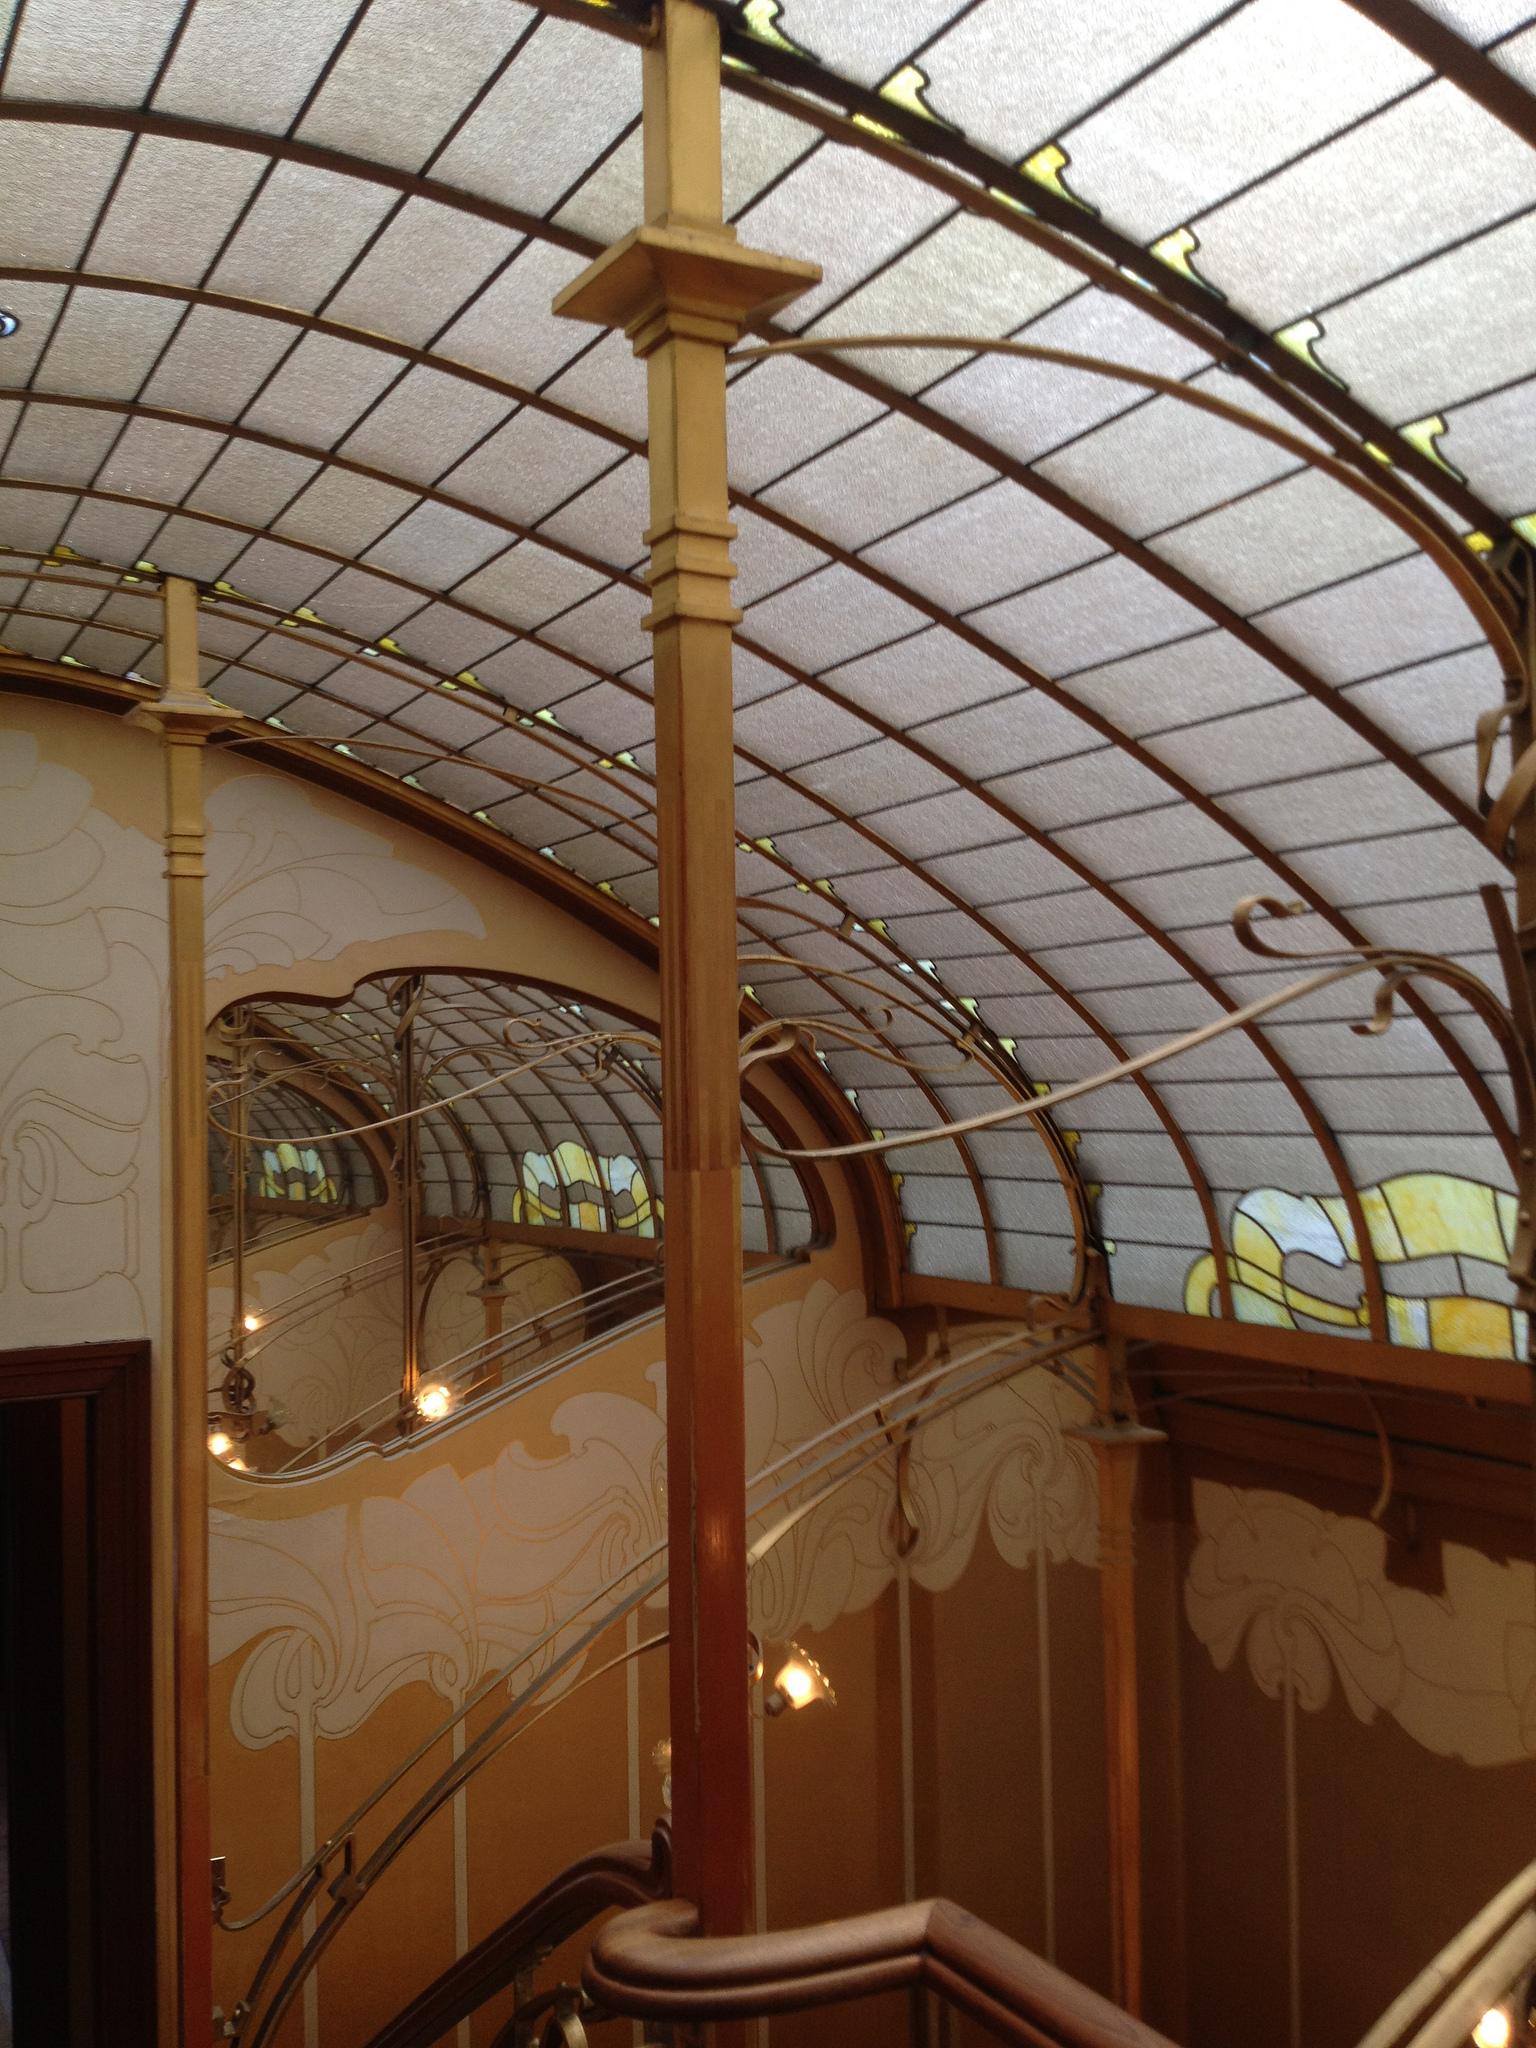 Horta Museum: Art Nouveau Artistry In Brussels